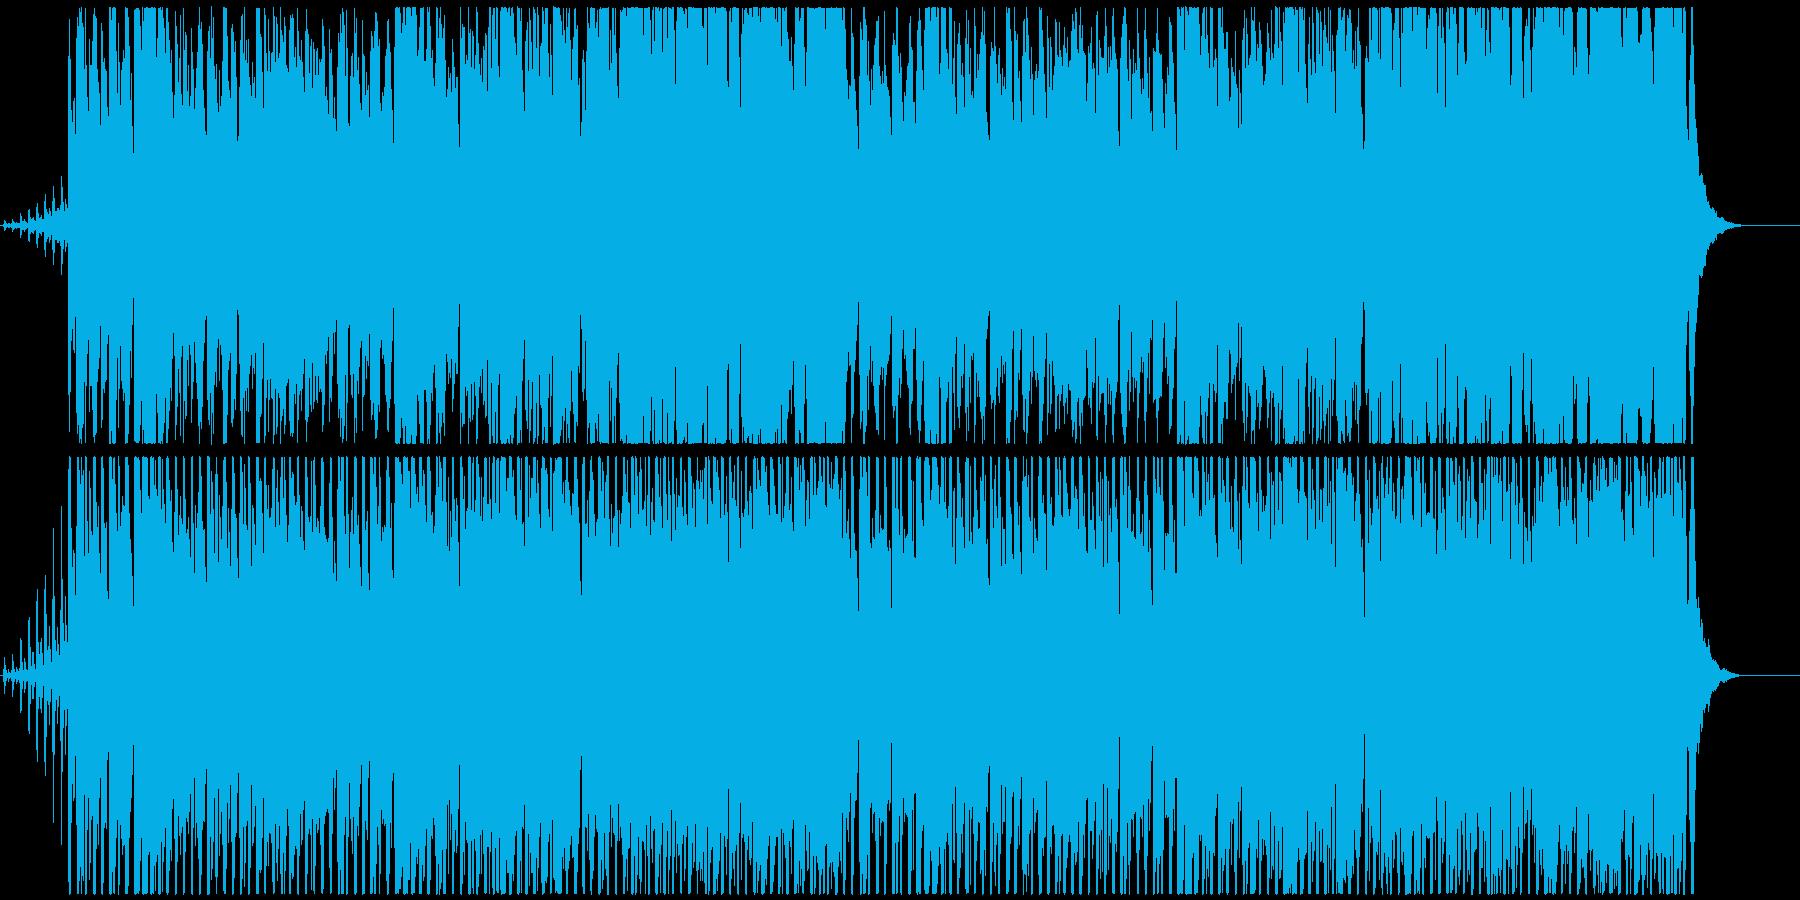 軽快で楽しいイメージのBGMの再生済みの波形